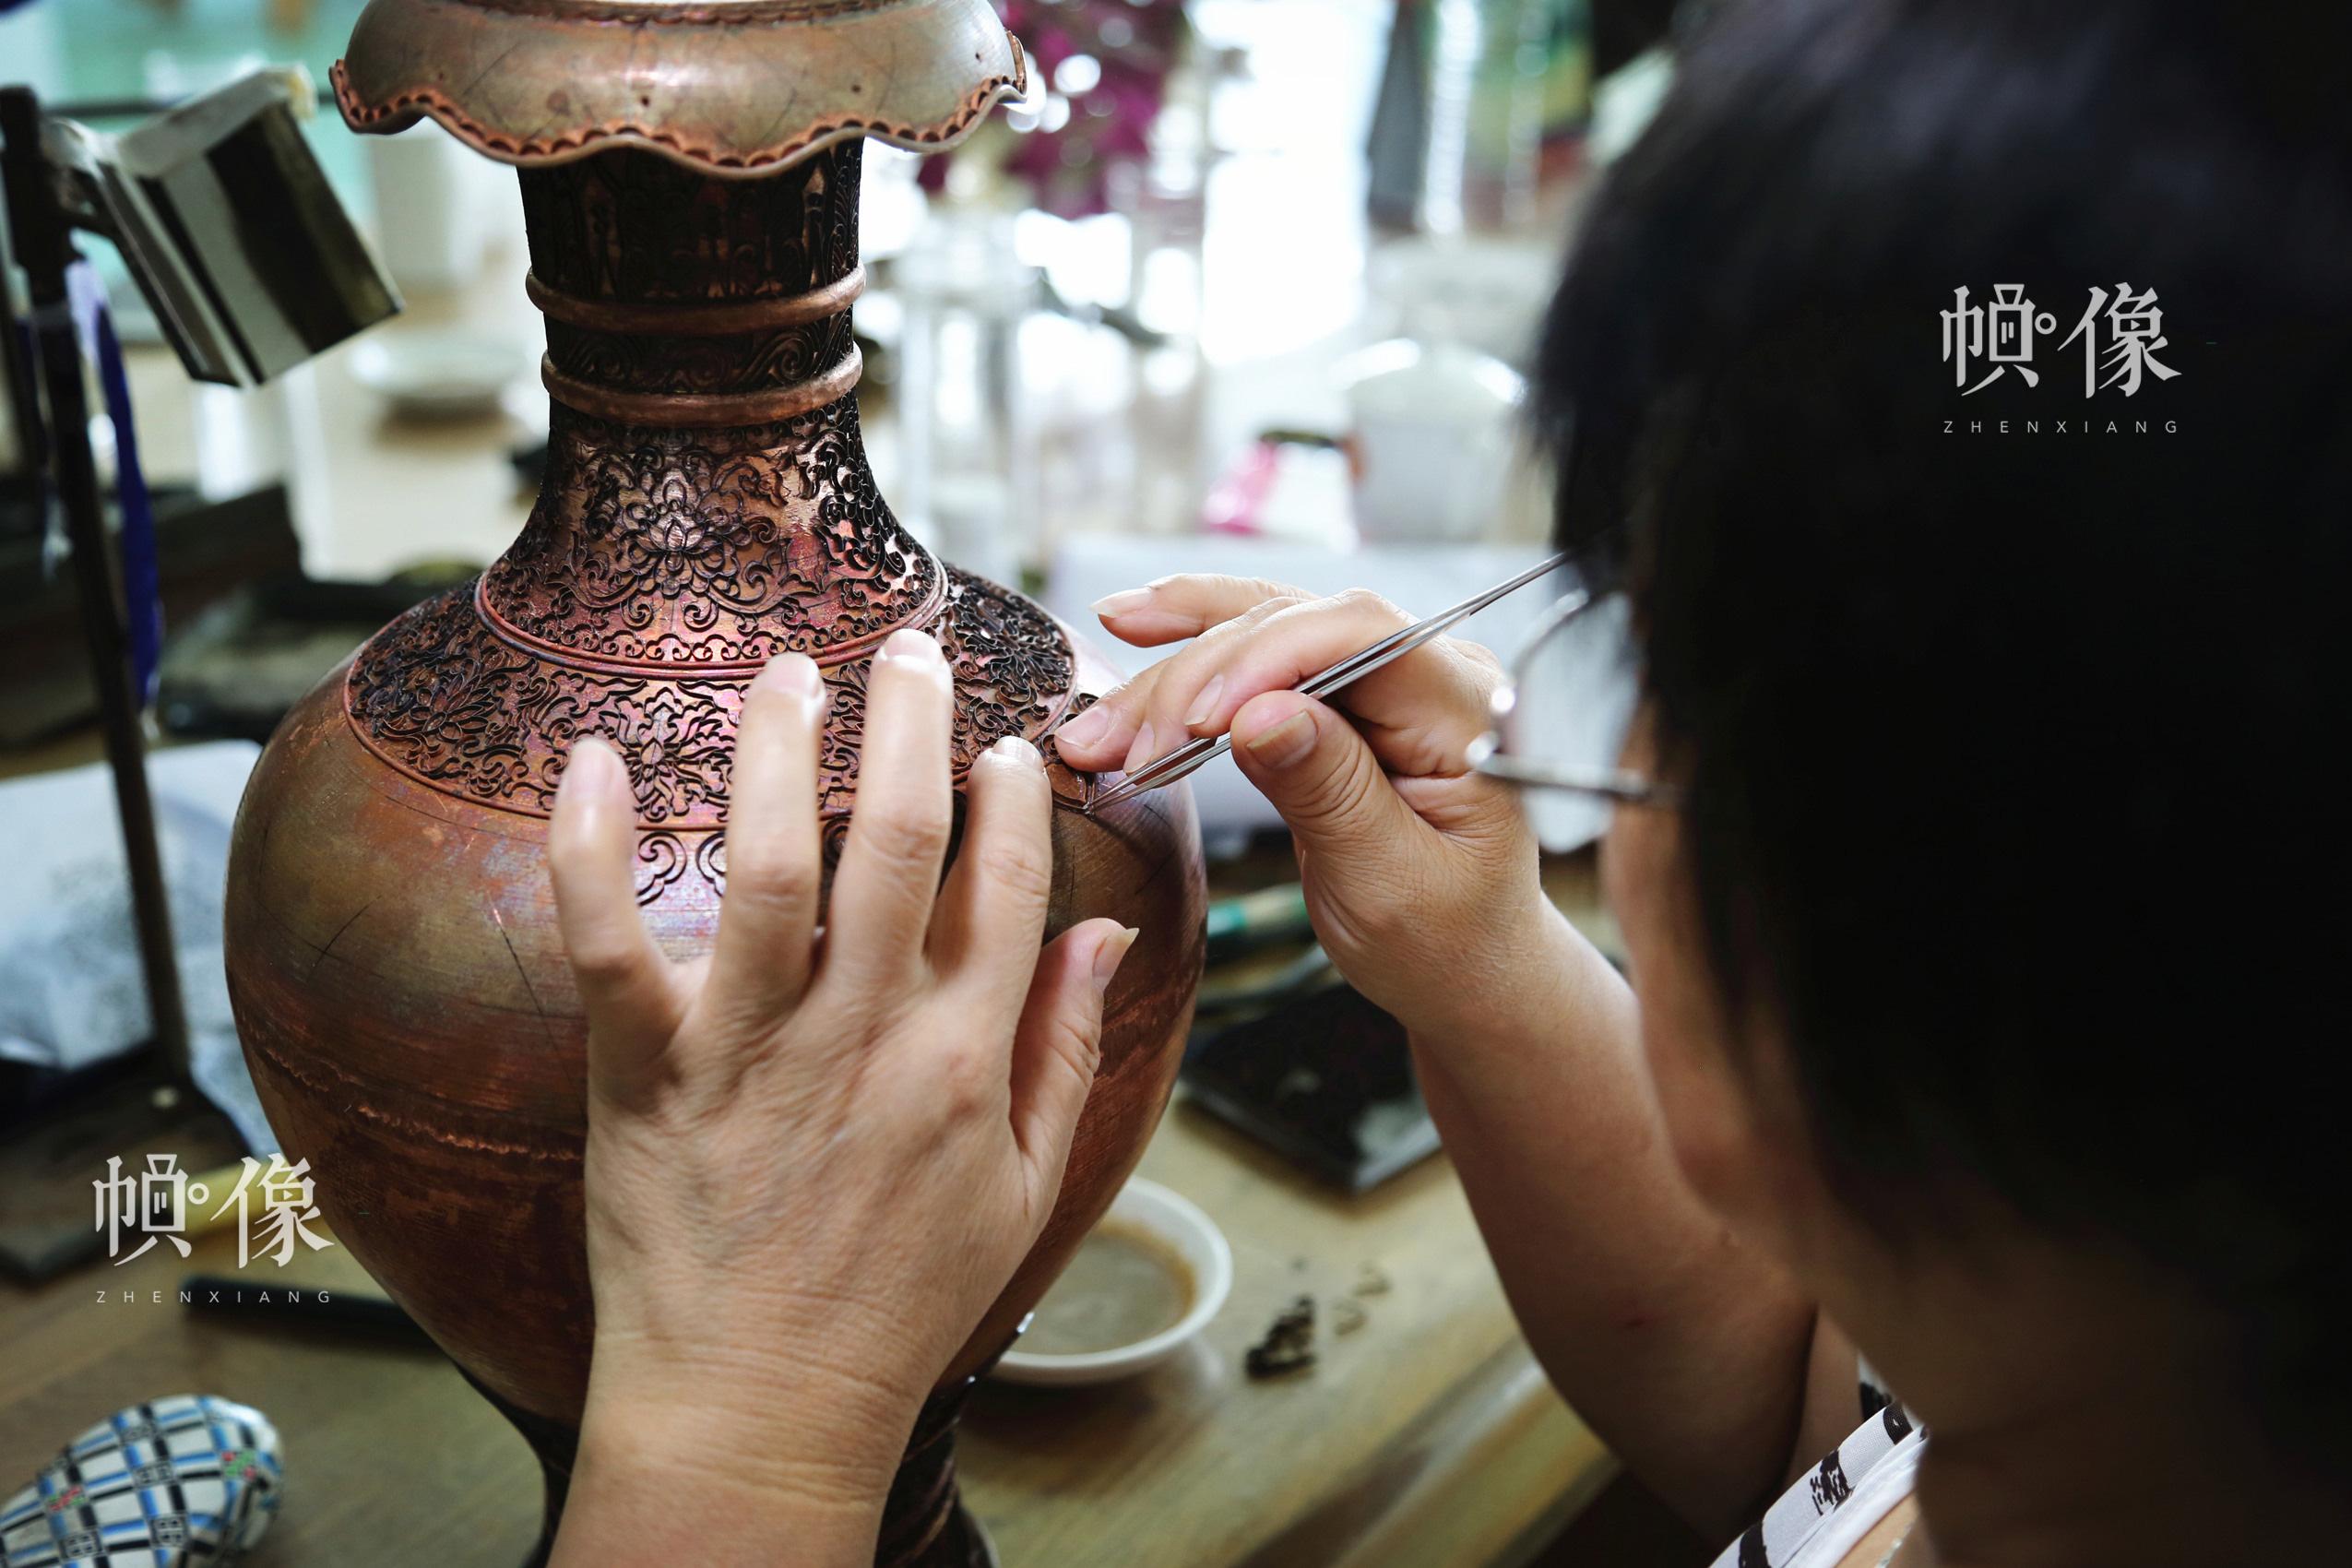 2017年9月5日,景泰藍工匠將製作好的銅絲貼在銅胚上。中國網記者 趙超 攝